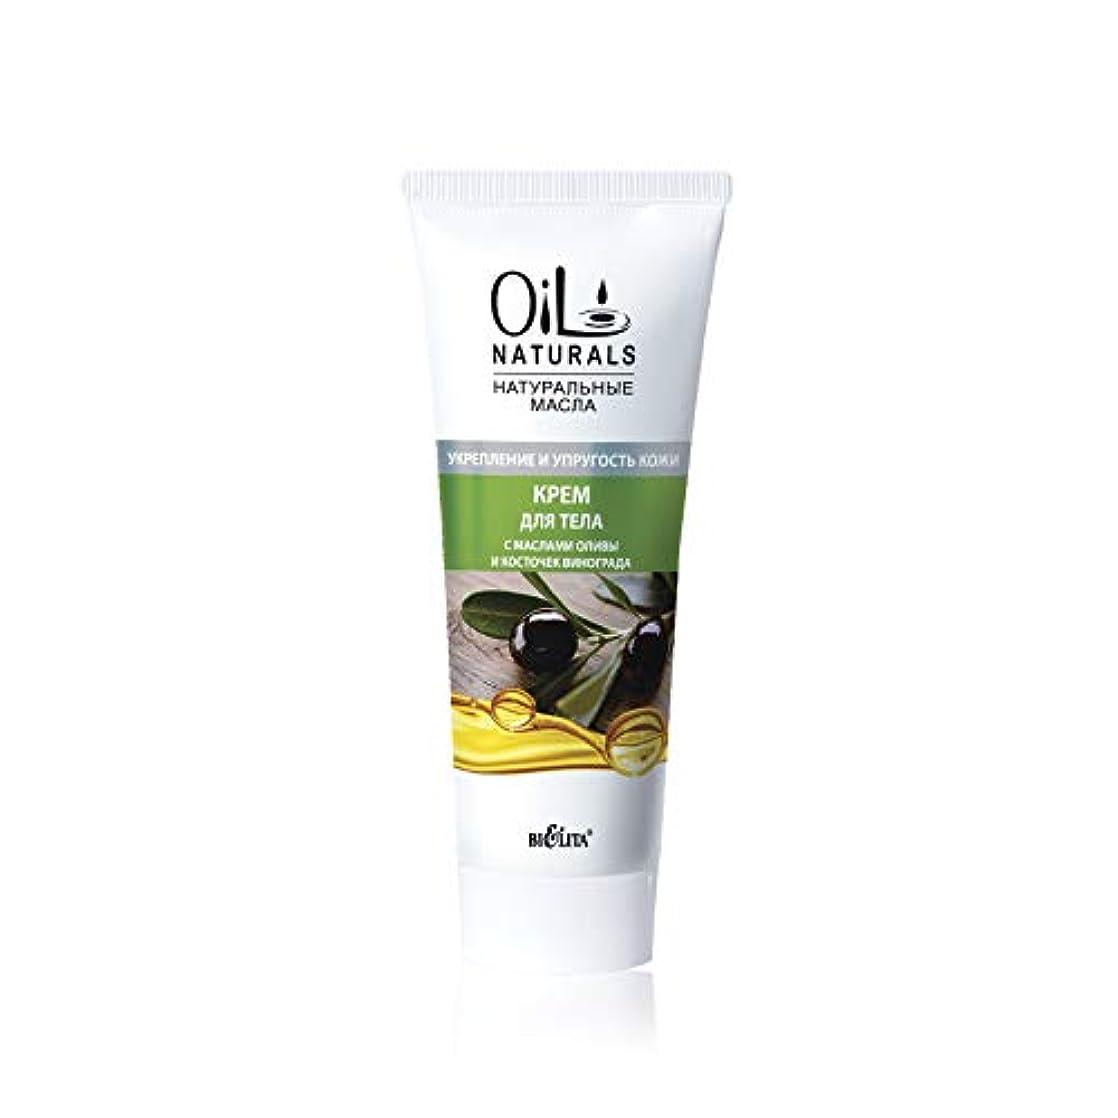 涙が出る不正直うるさいBielita & Vitex   Oil Naturals Line   Skin Firming & Moisturizing Body Cream, 200 ml   Olive Oil, Silk Proteins...